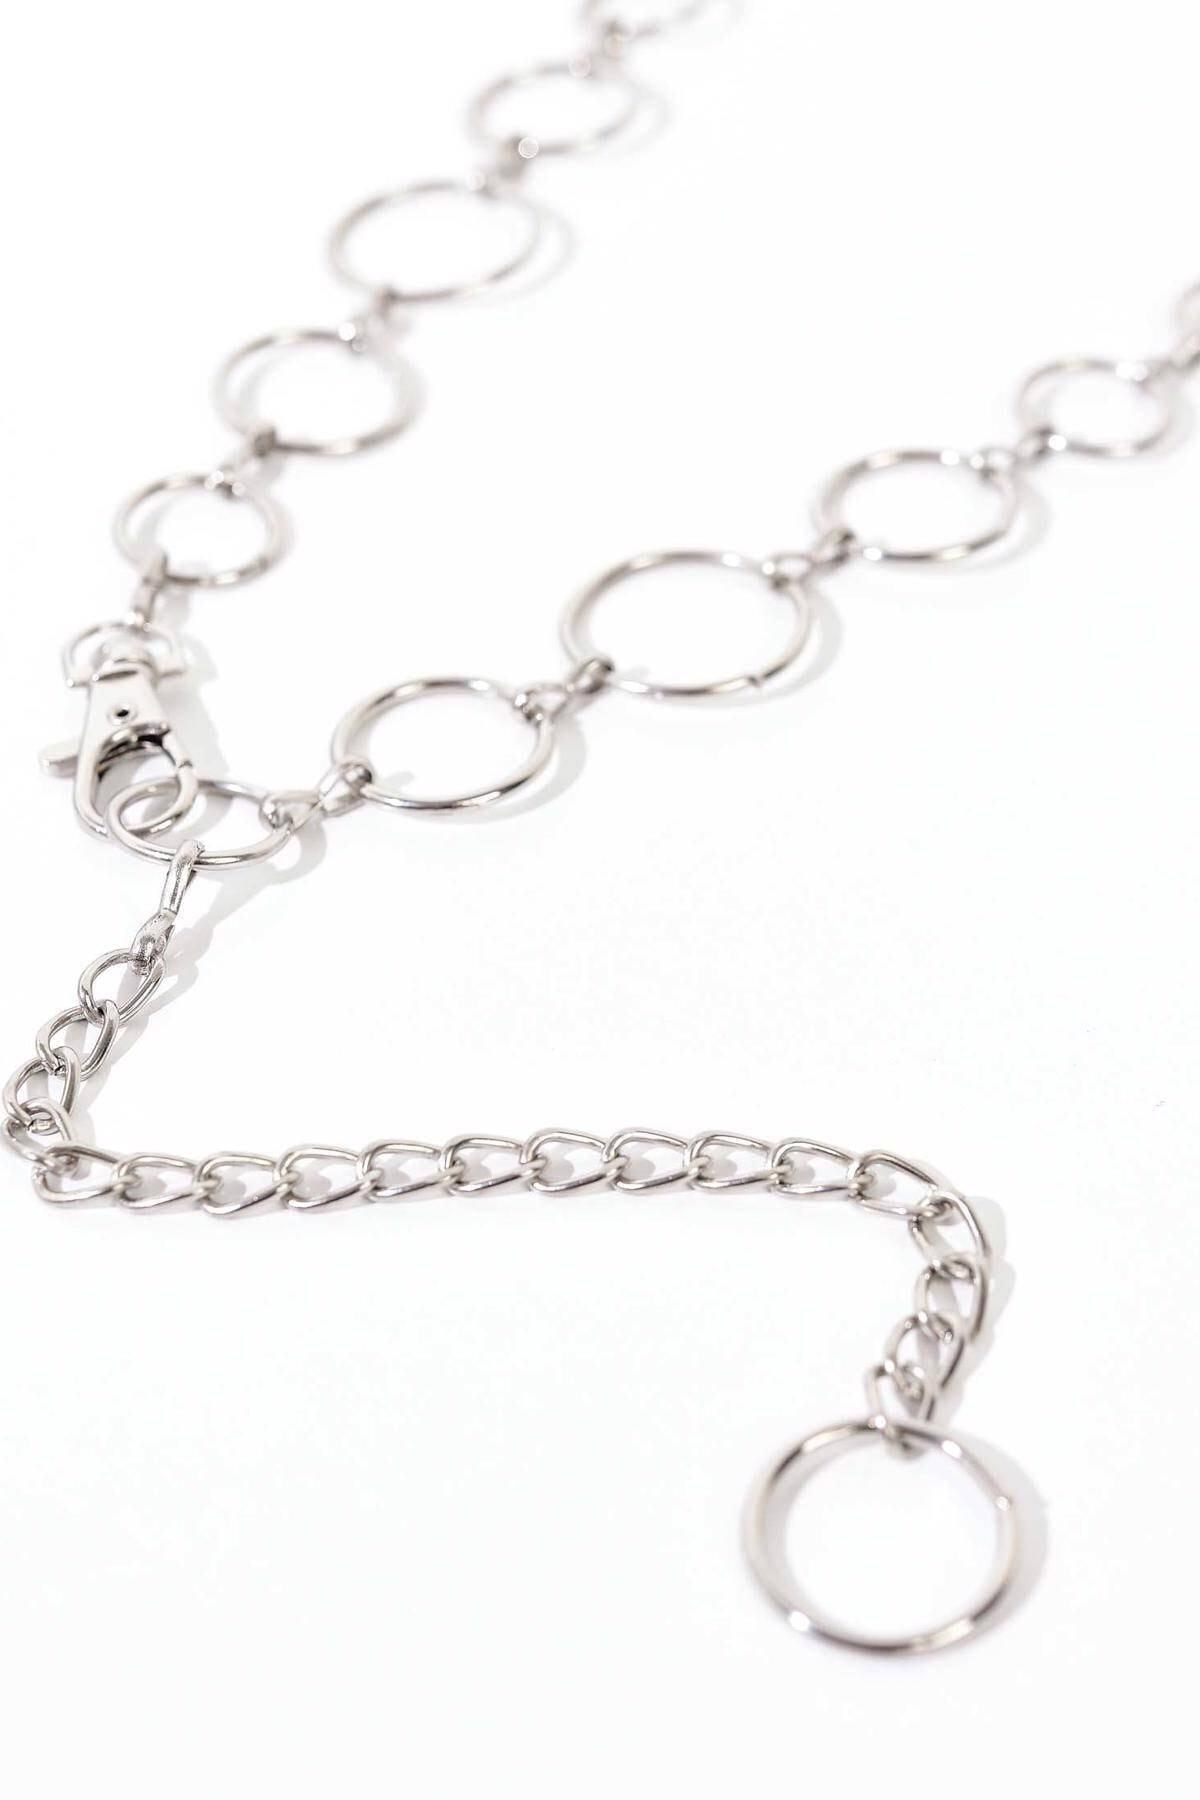 Addax Kadın Gümüş Zincir Zncr11 - K2 Adx-0000019991 3